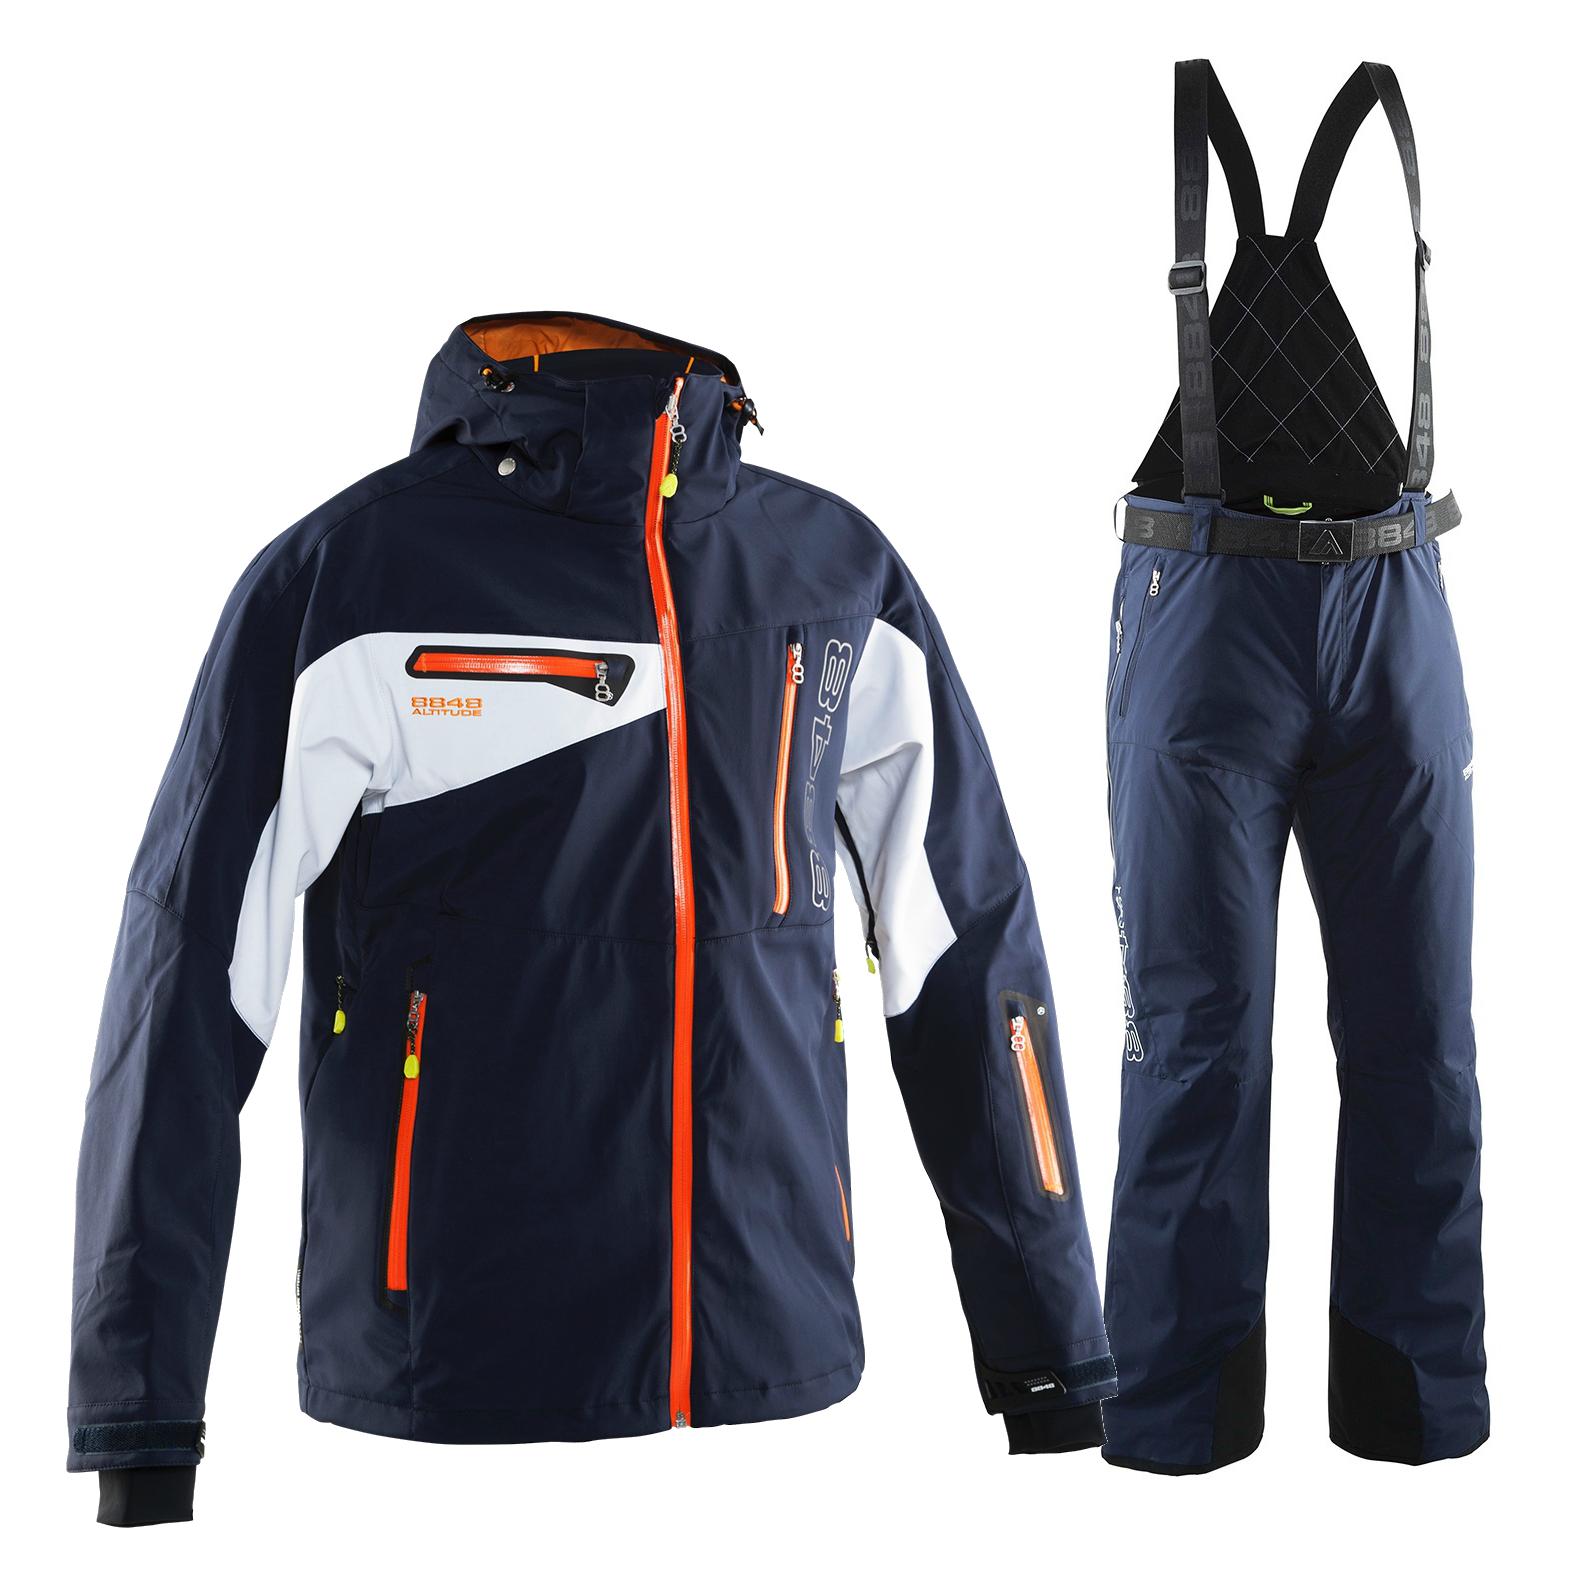 Мужской горнолыжный костюм 8848 Altitude Rocky-Guard (705115-702915) по распродаже фото